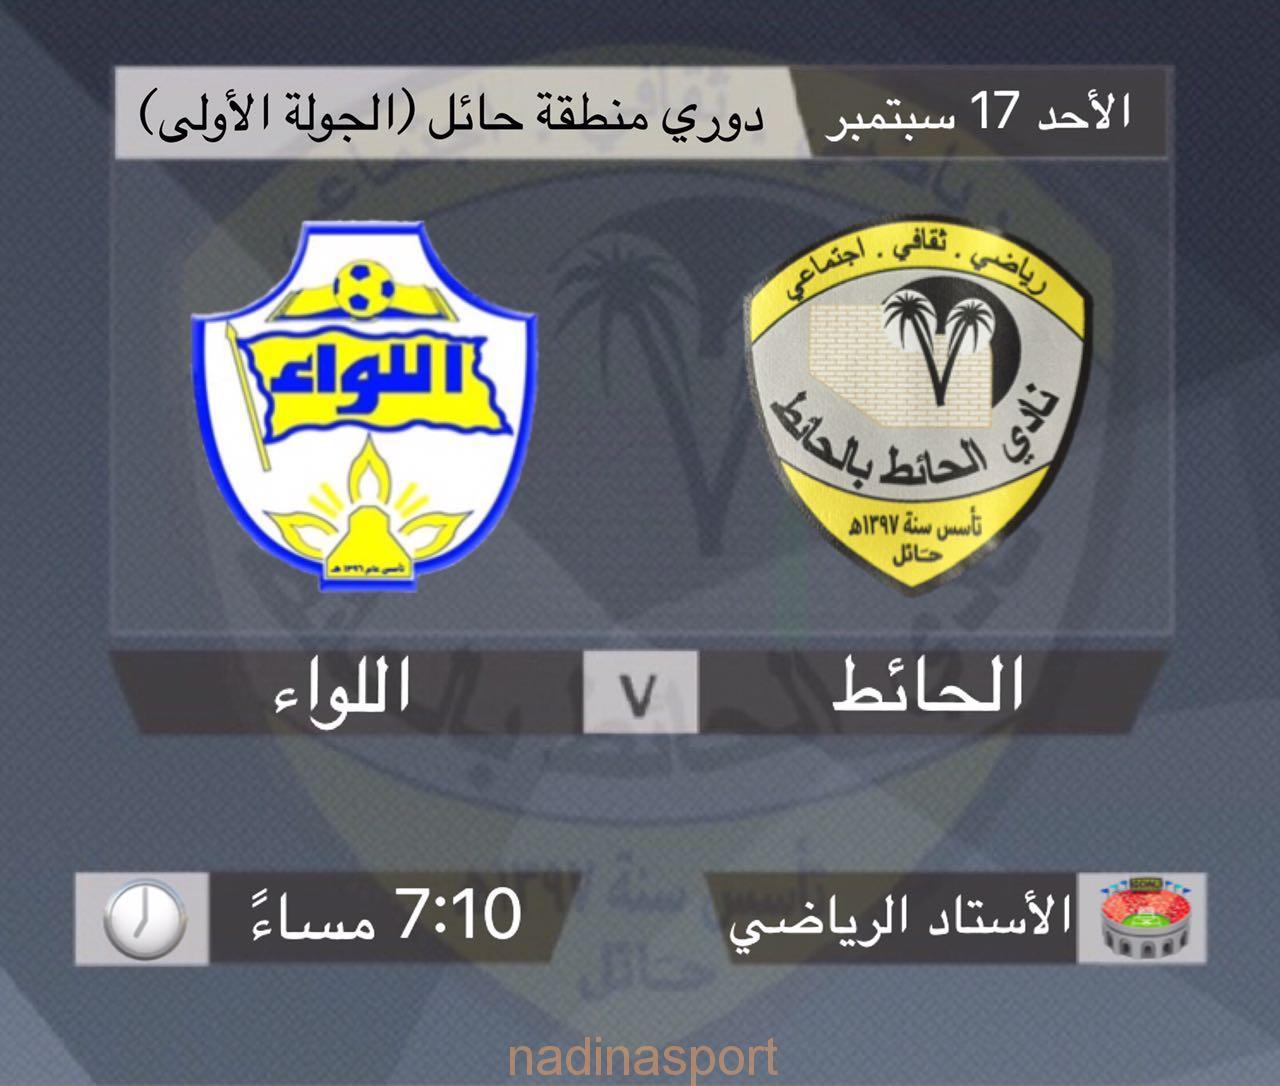 مباريات دوري منطقة حائل لكرة القدم  لأندية الدرجة الثالثة تنطلق اليوم